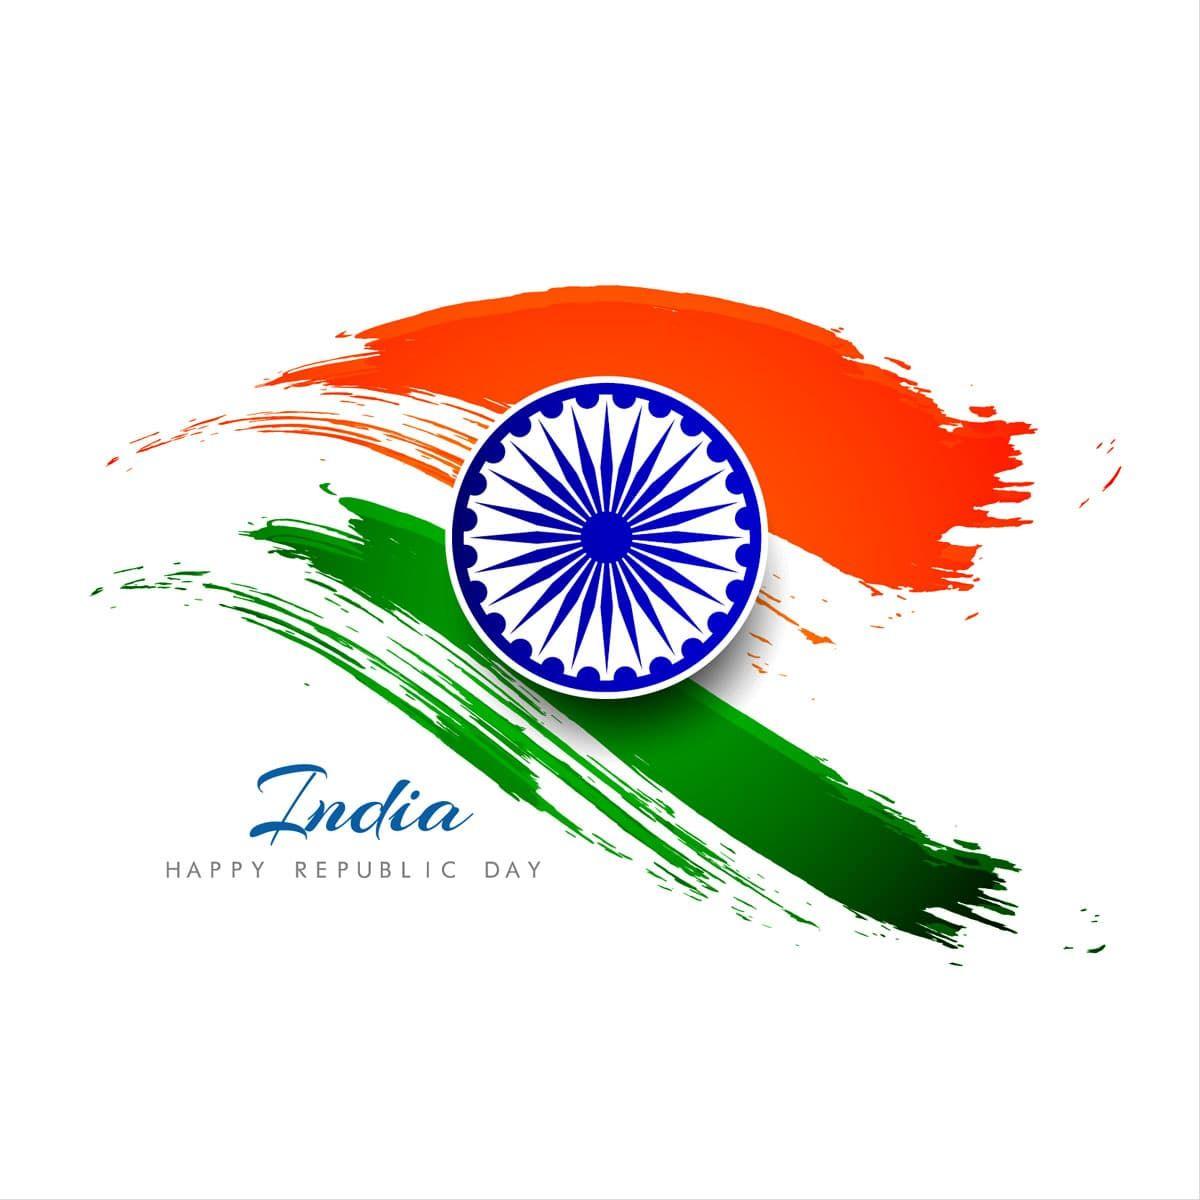 Indian Flag Images Download.